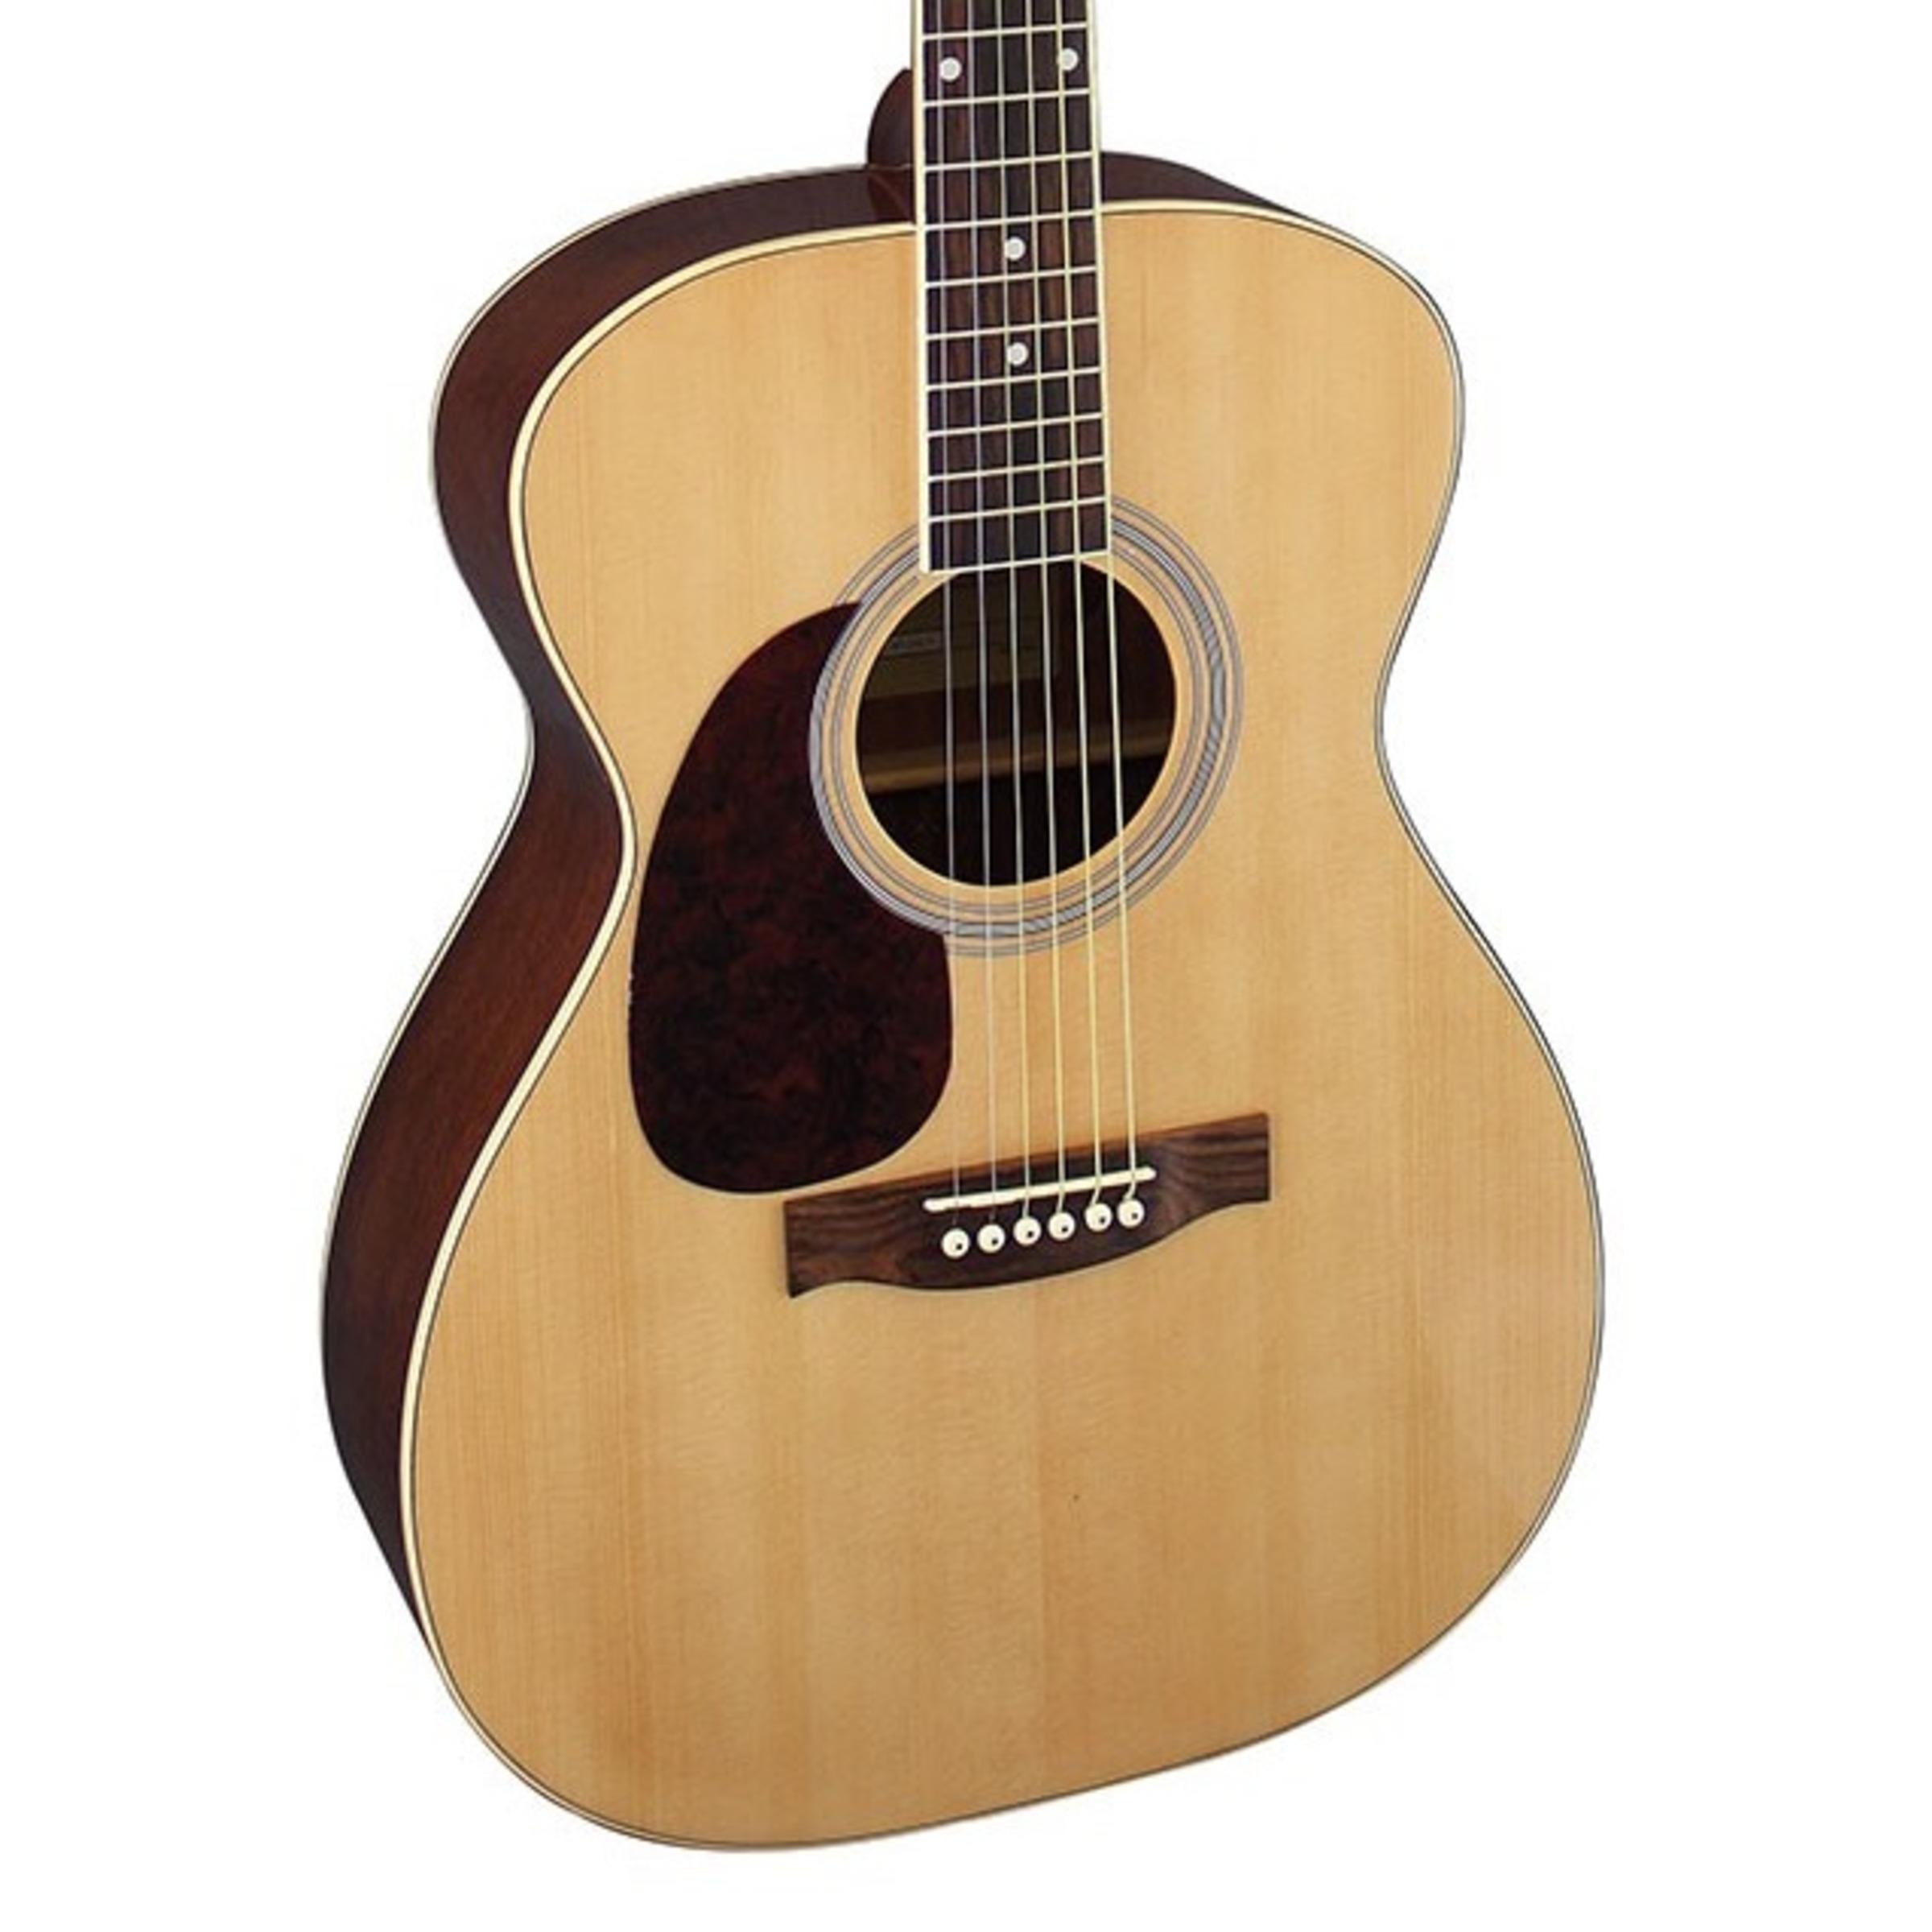 brunswick bfl200 left handed acoustic guitar natural giggear. Black Bedroom Furniture Sets. Home Design Ideas